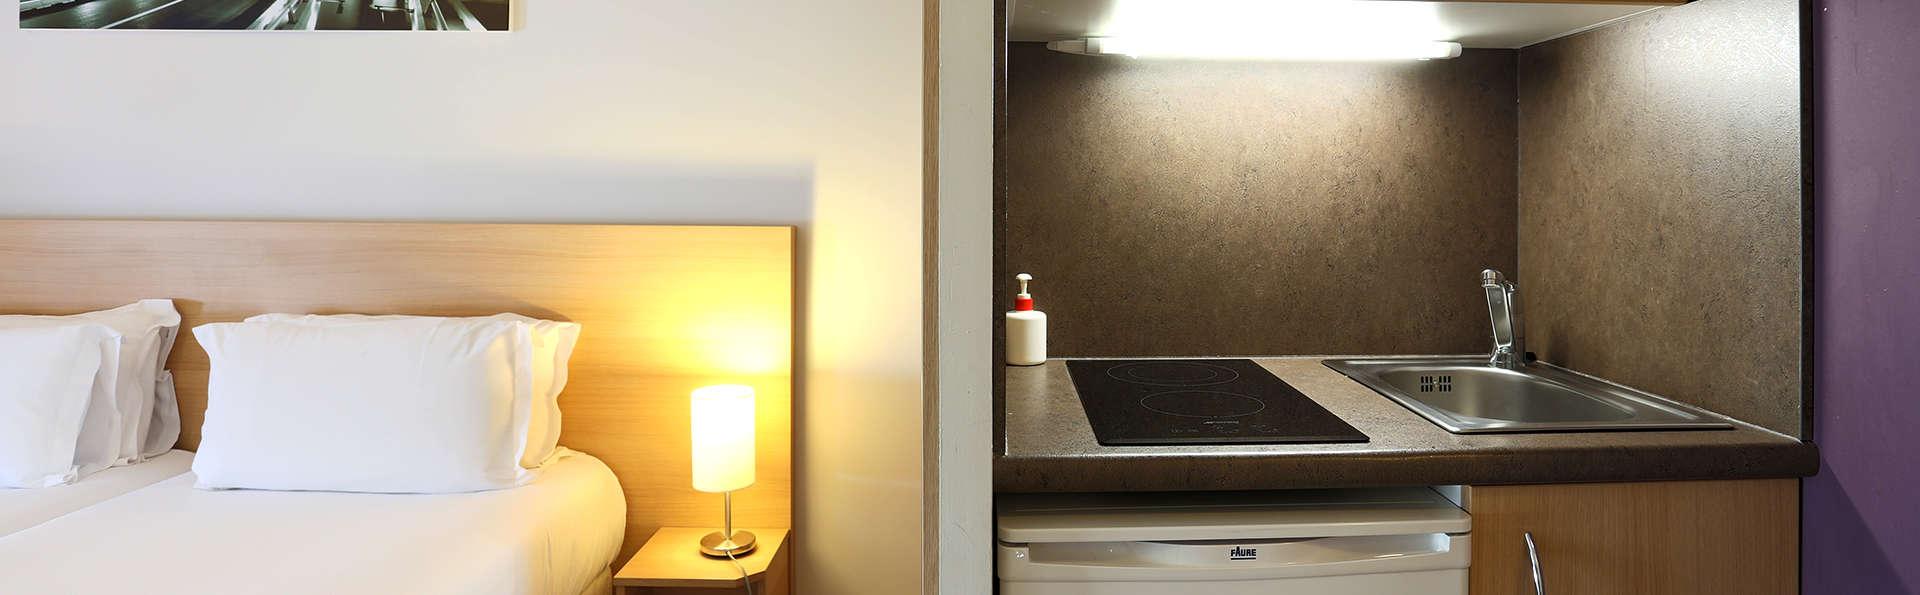 Alojamiento en Lyon en habitación doble